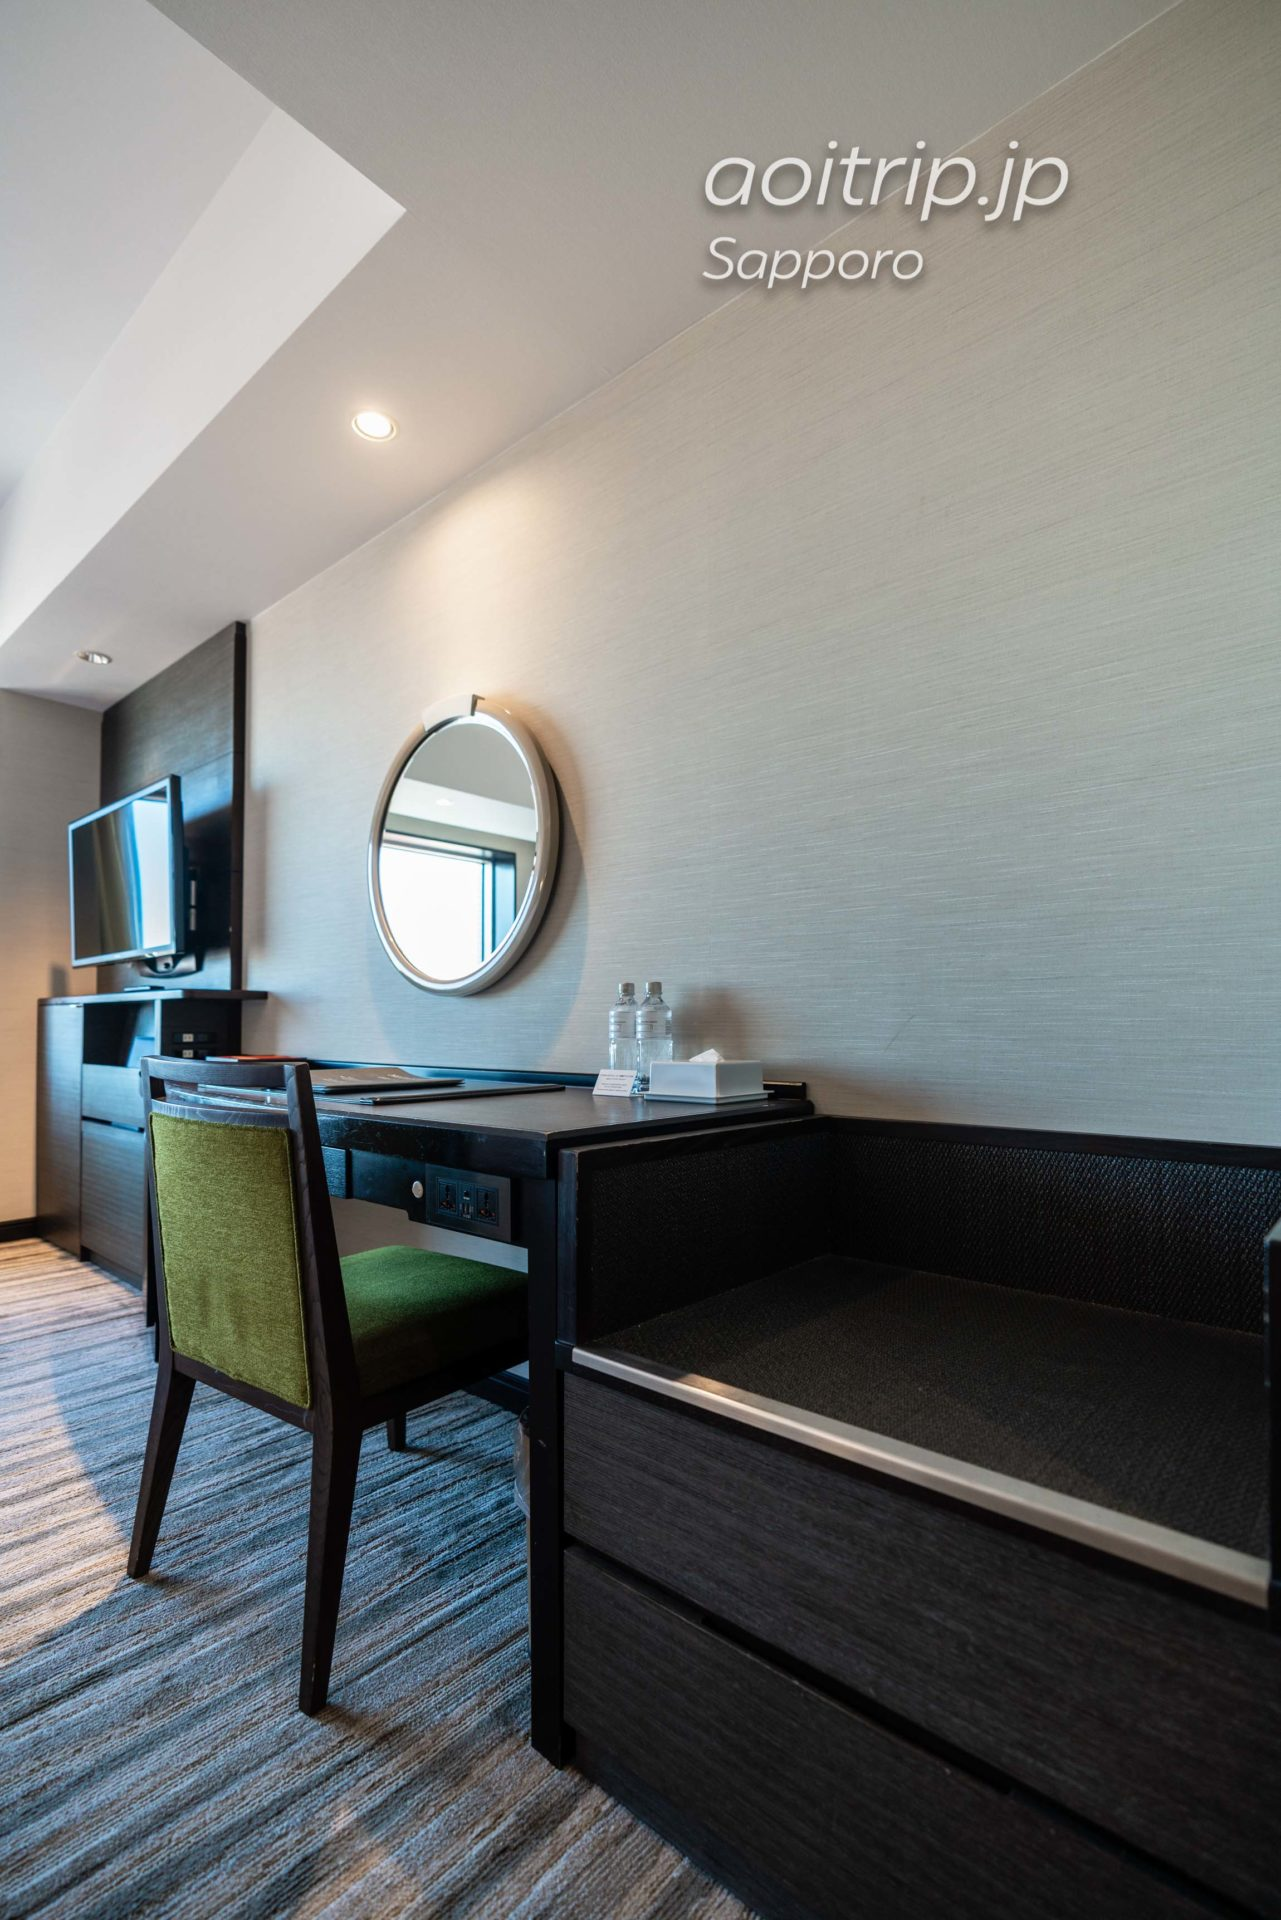 JRタワーホテル日航札幌のモデレートツインルーム客室